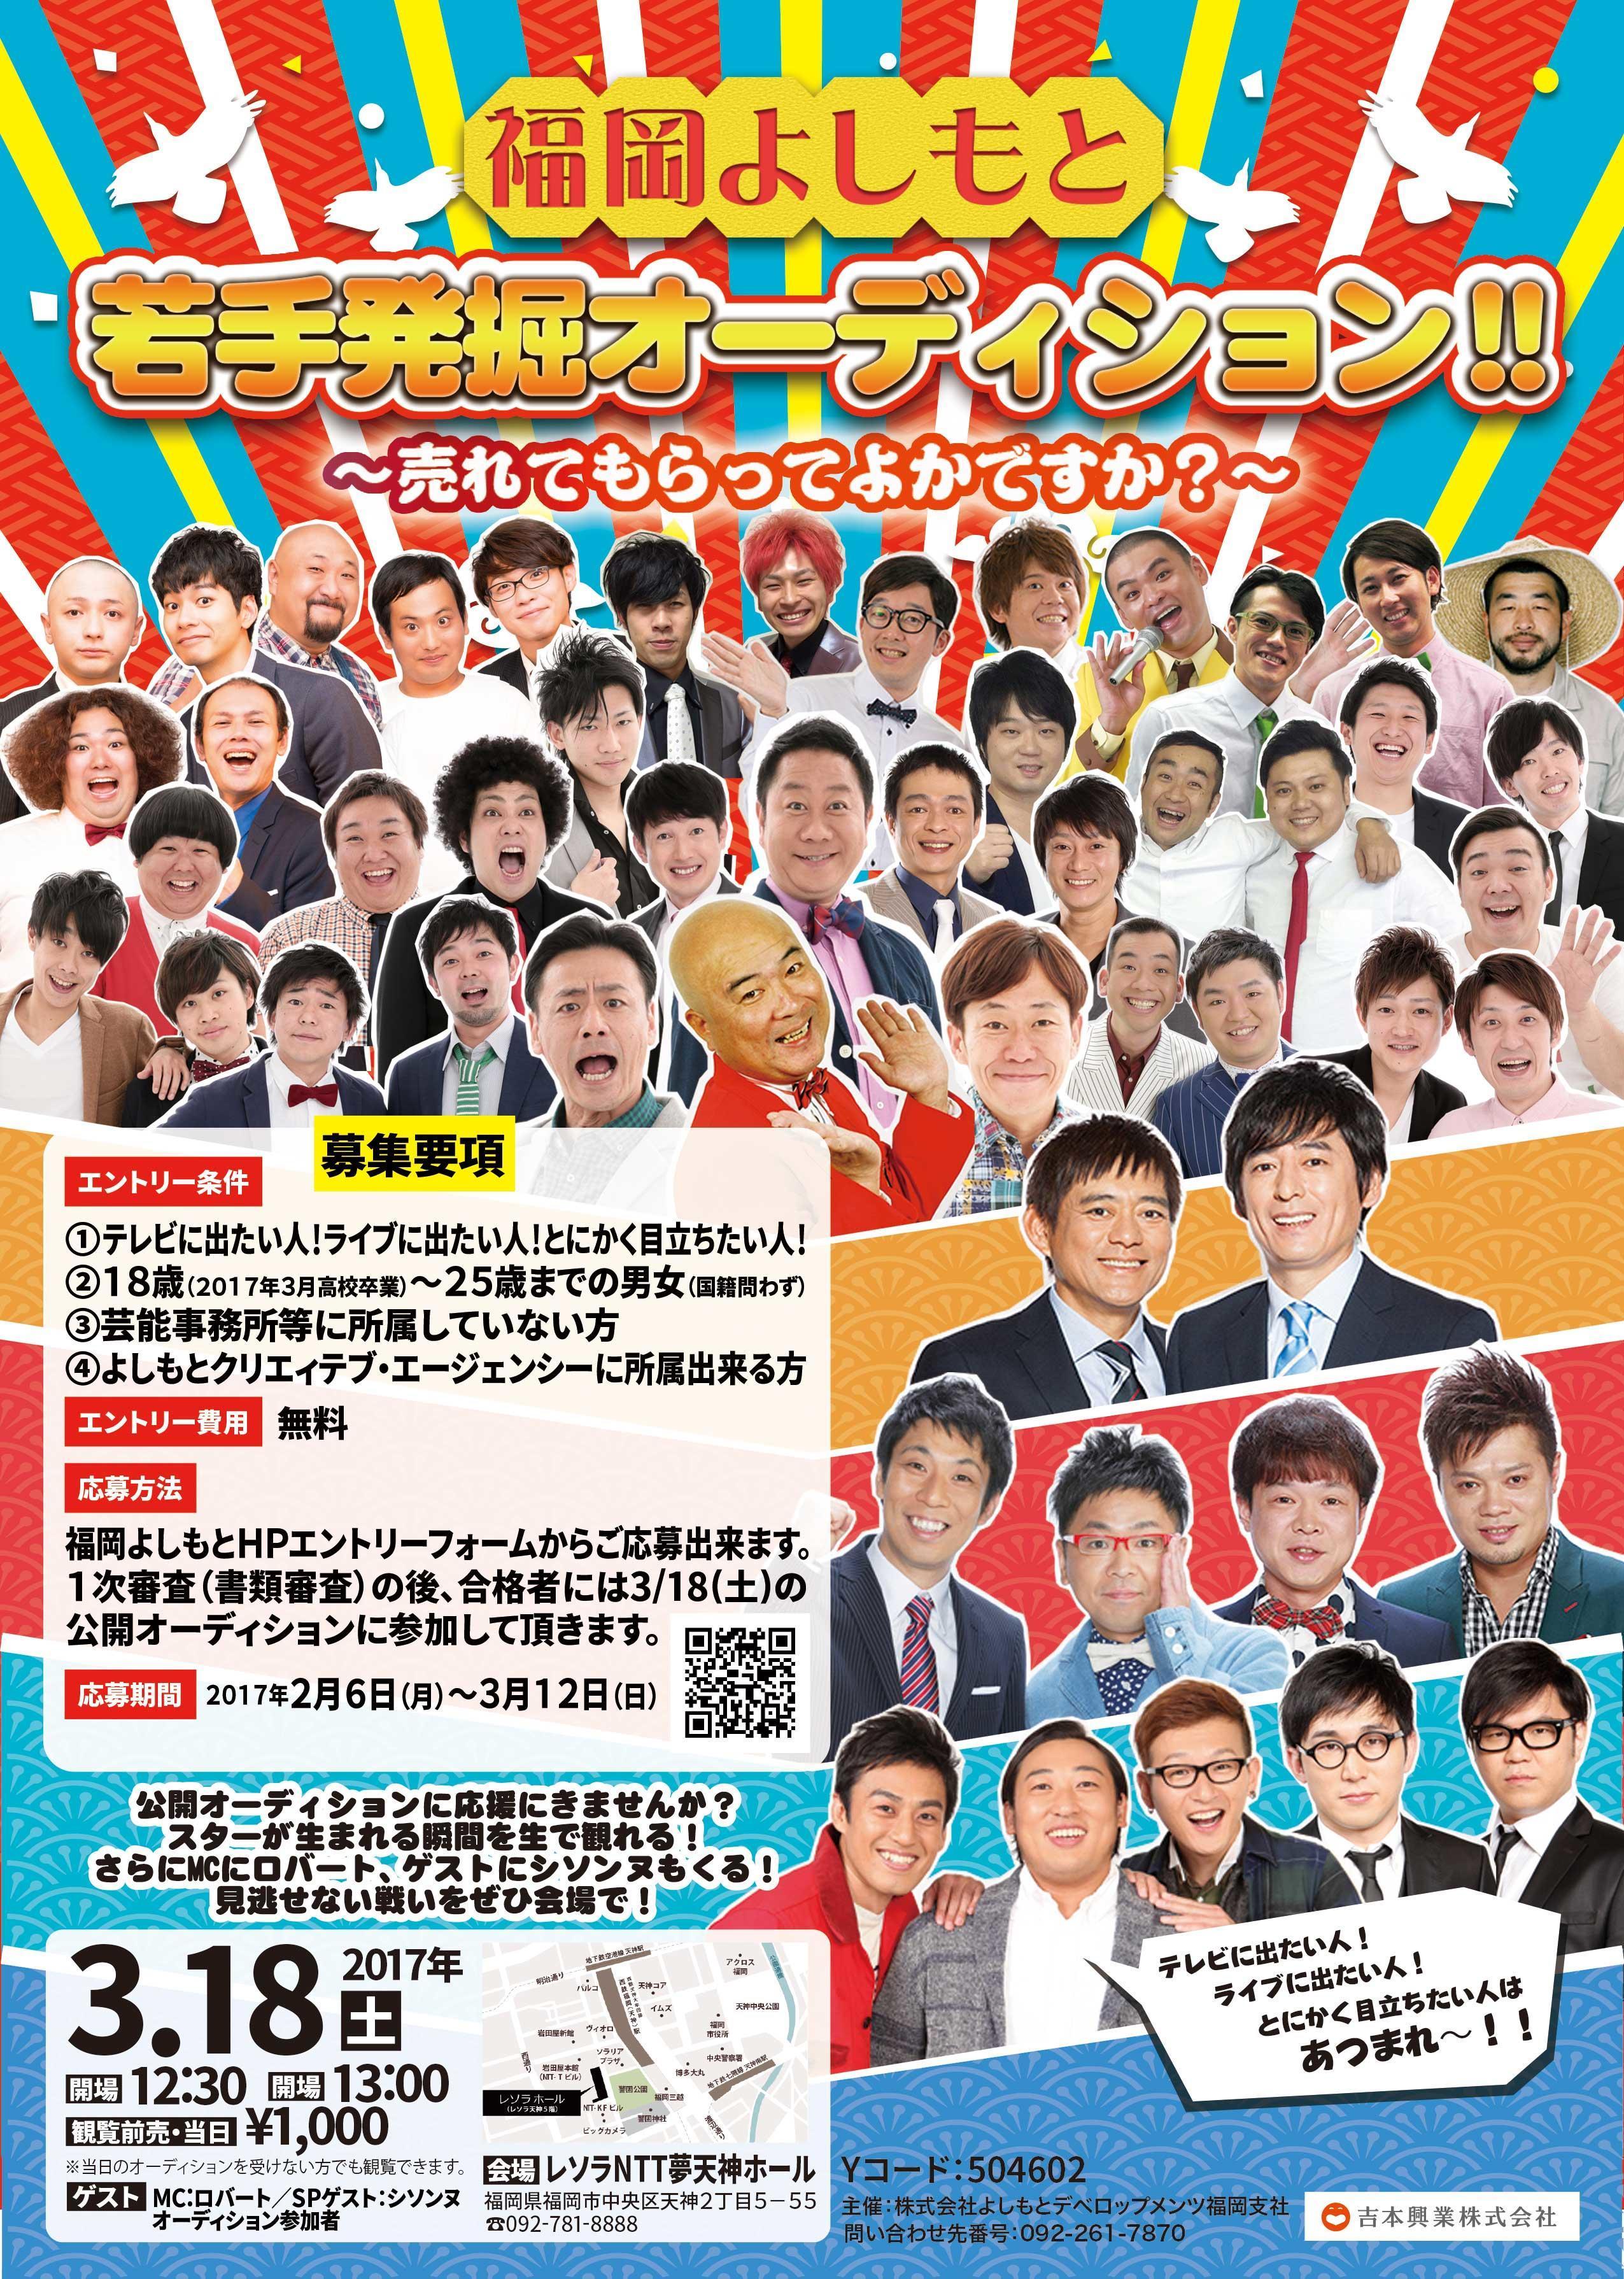 http://news.yoshimoto.co.jp/20170214101116-7d2ed39554065bd6568d9a393f2cd9fec05fae22.jpg